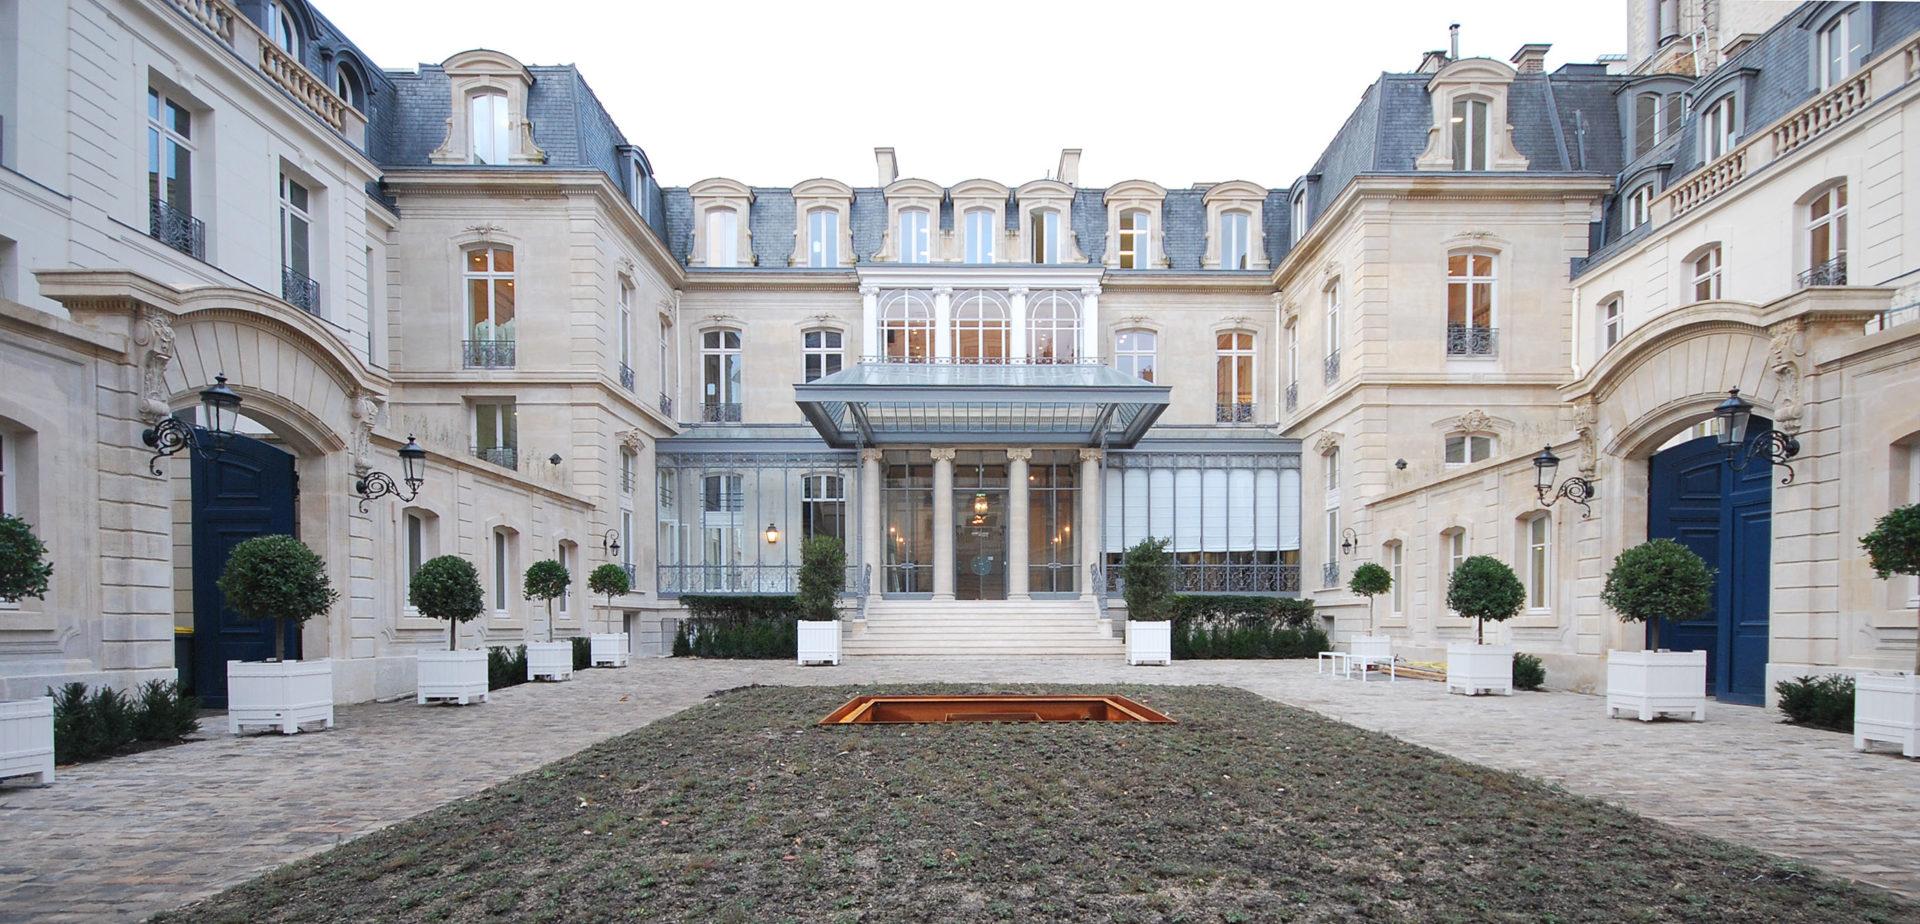 137 Faubourg saint Honoré 4